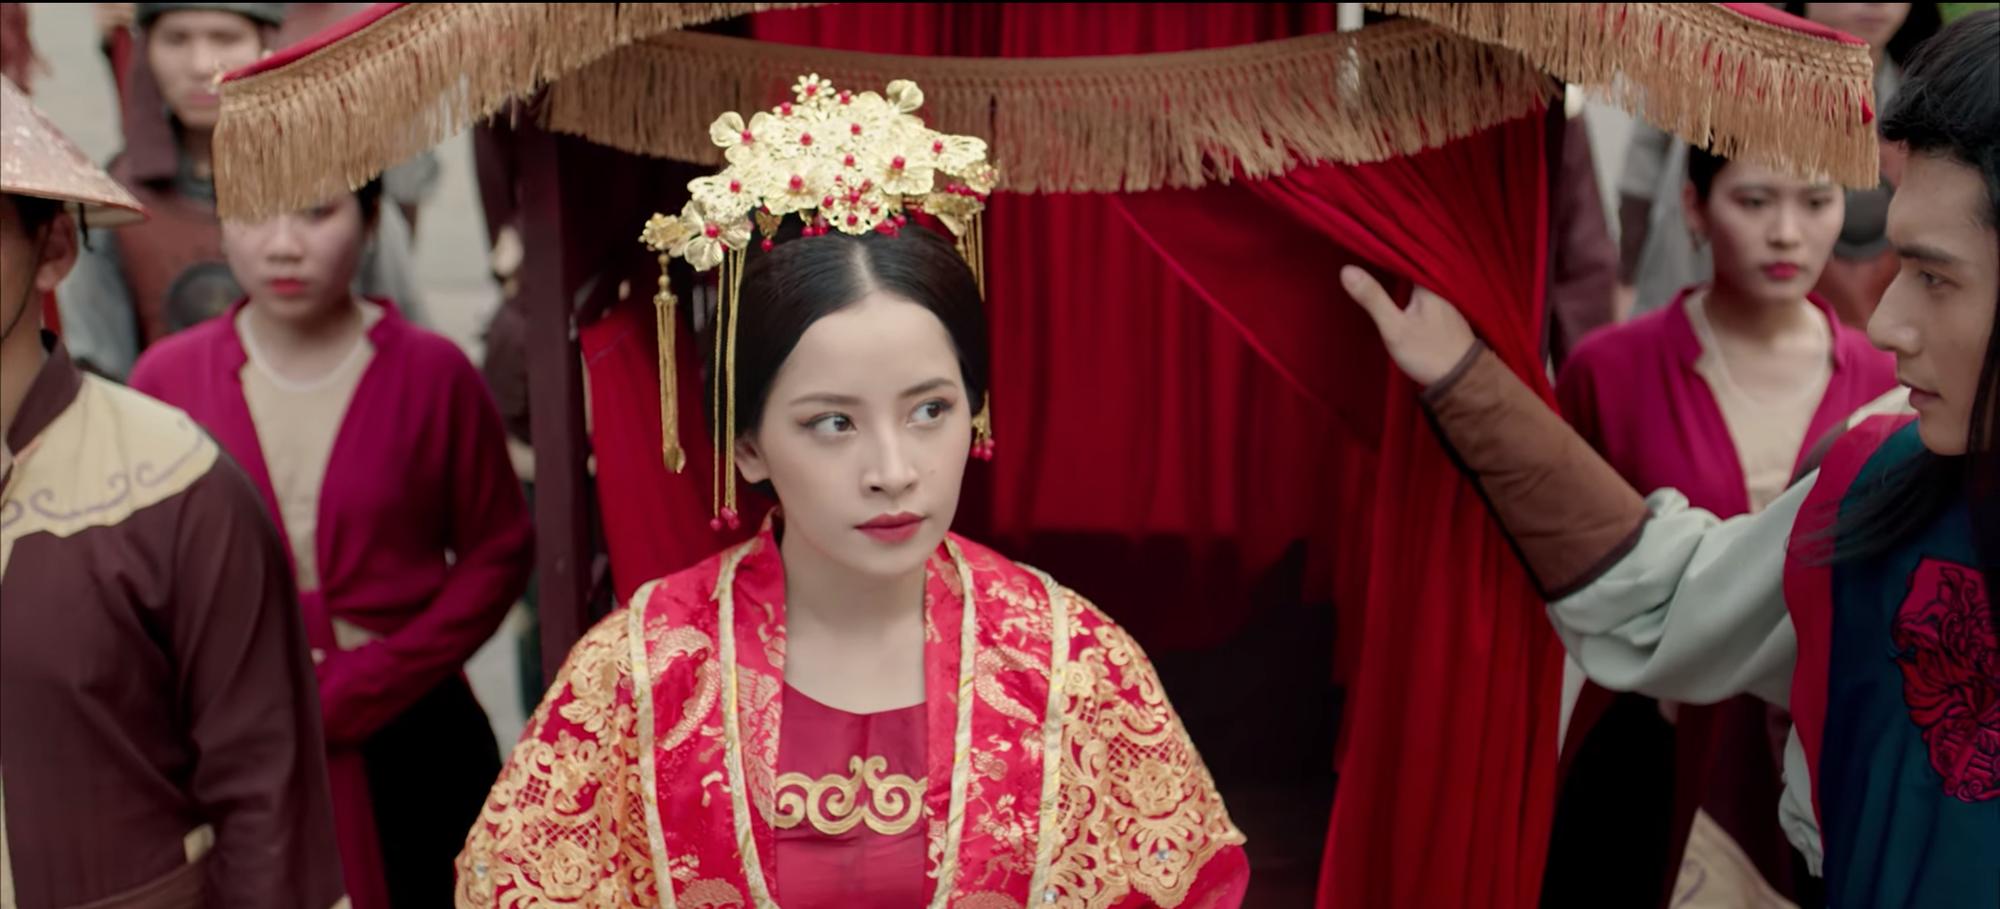 Chi Pu ra mắt MV Anh ơi ở lại, xóa tan mọi nghi ngờ về khả năng ca hát - Ảnh 1.